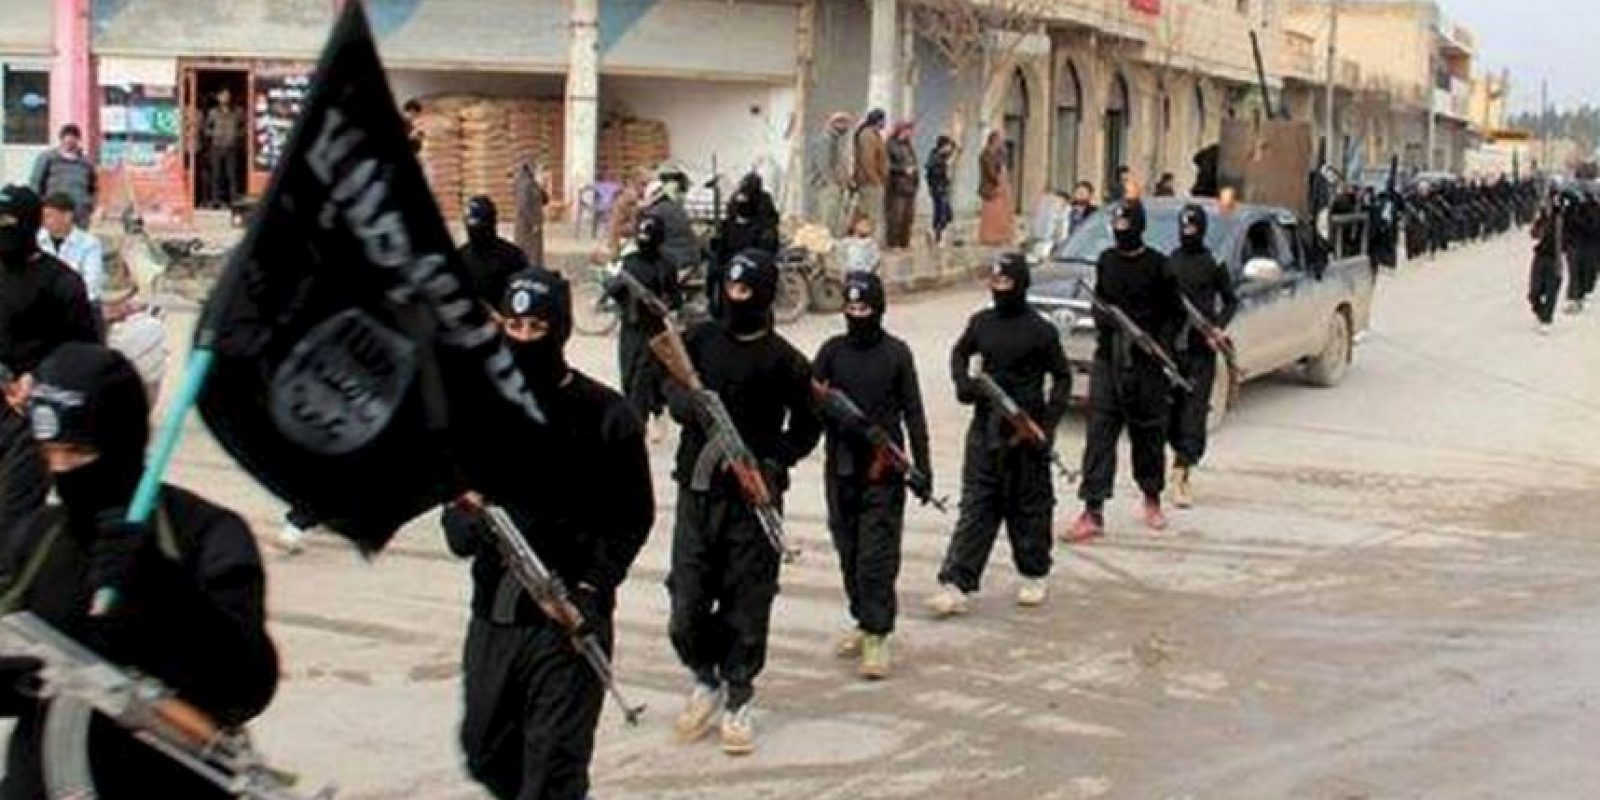 Antes de dirigir al grupo acusado de aterrorizar a Medio Oriente, Abu Bakr al-Baghdadi, líder del grupo yihadista Estado Islámico, trabajaba como secretario realizando trabajos administrativos Foto:AFP